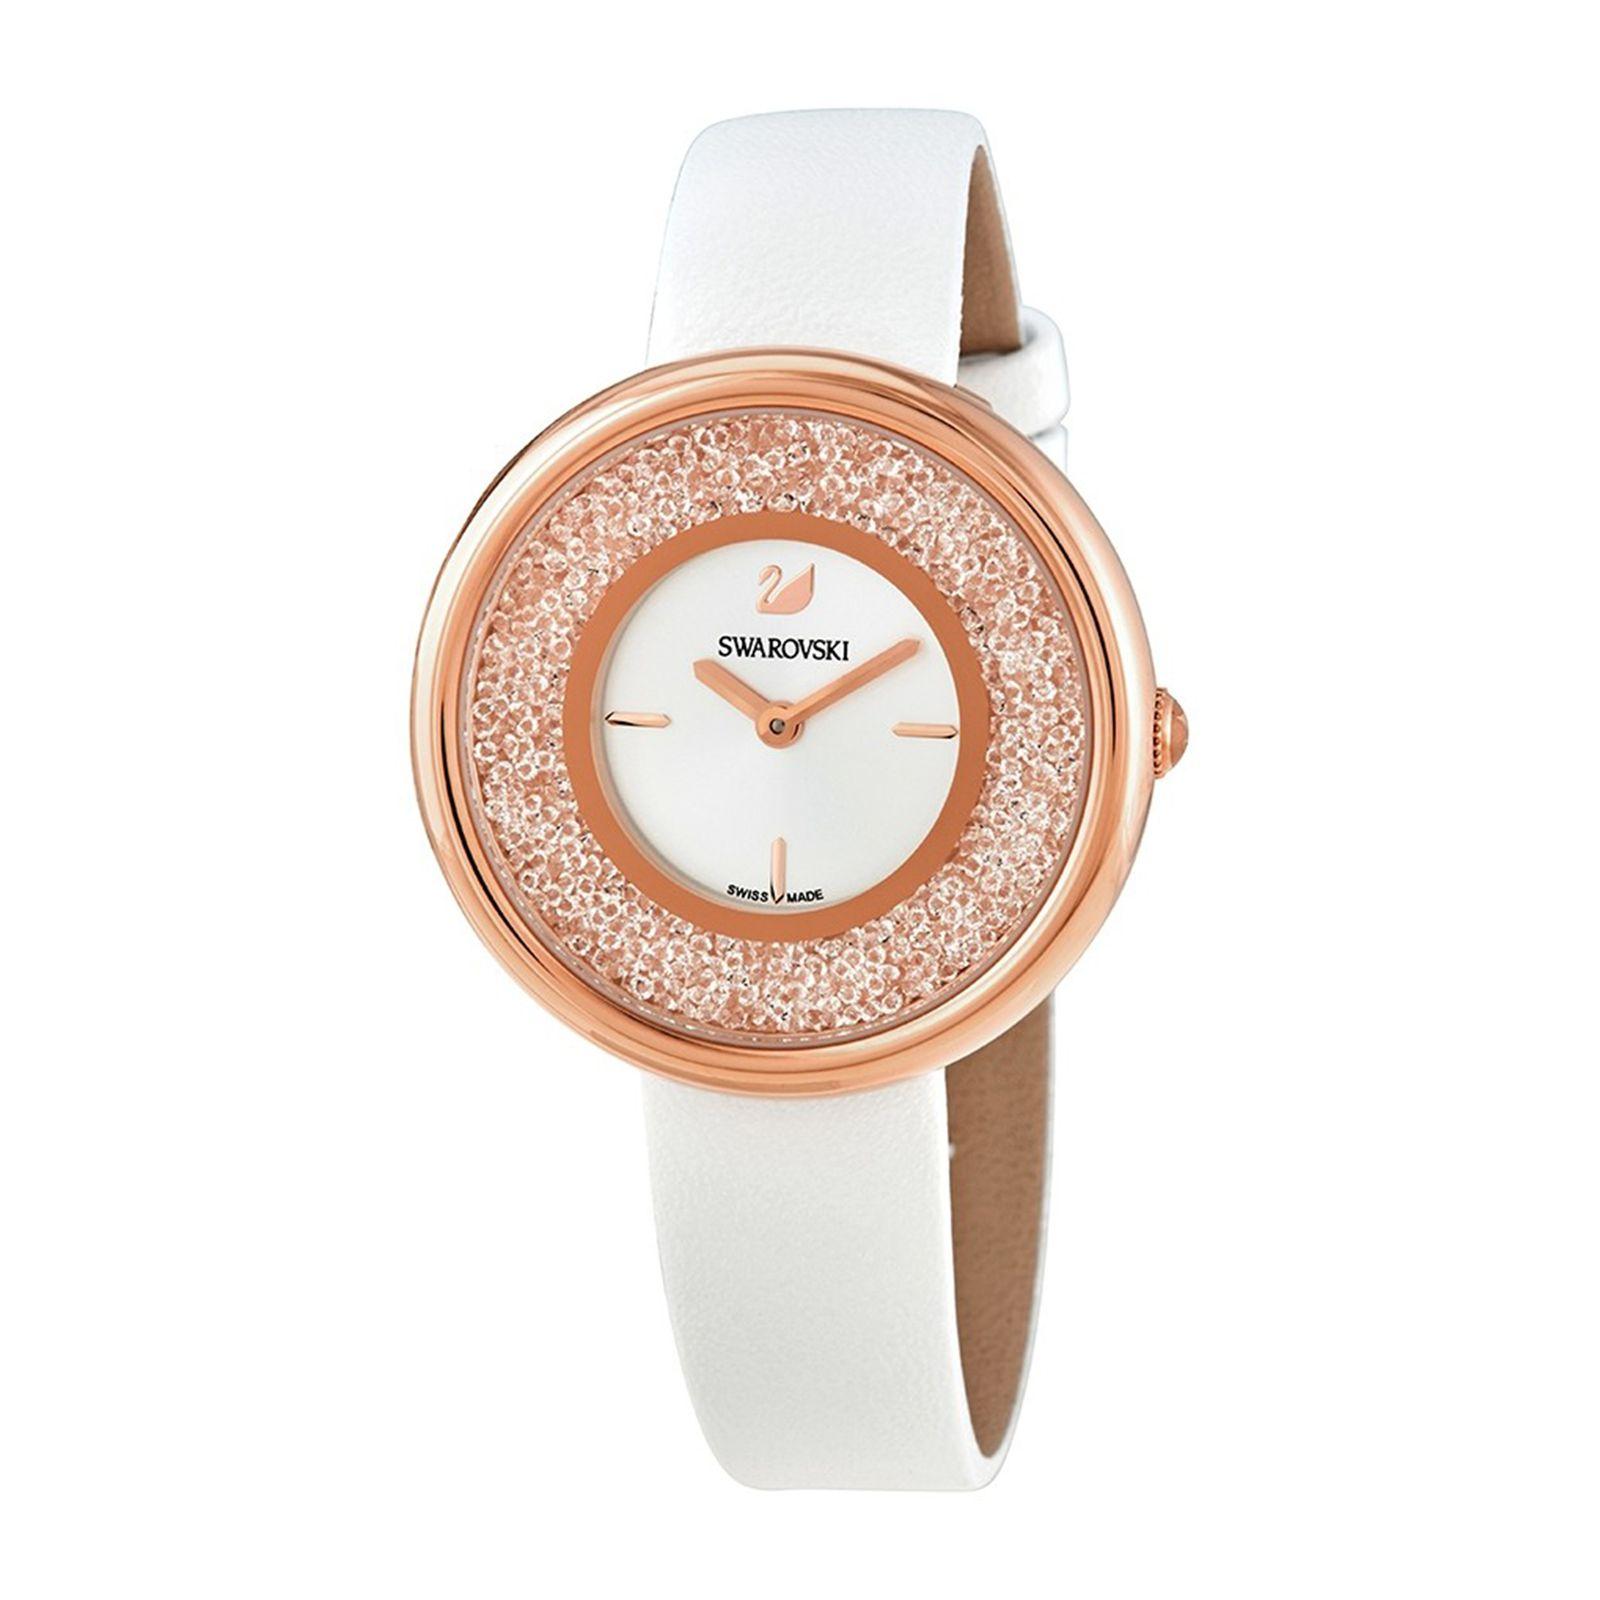 ساعت مچی عقربه ای زنانه سواروسکی مدل 5376083 -  - 2